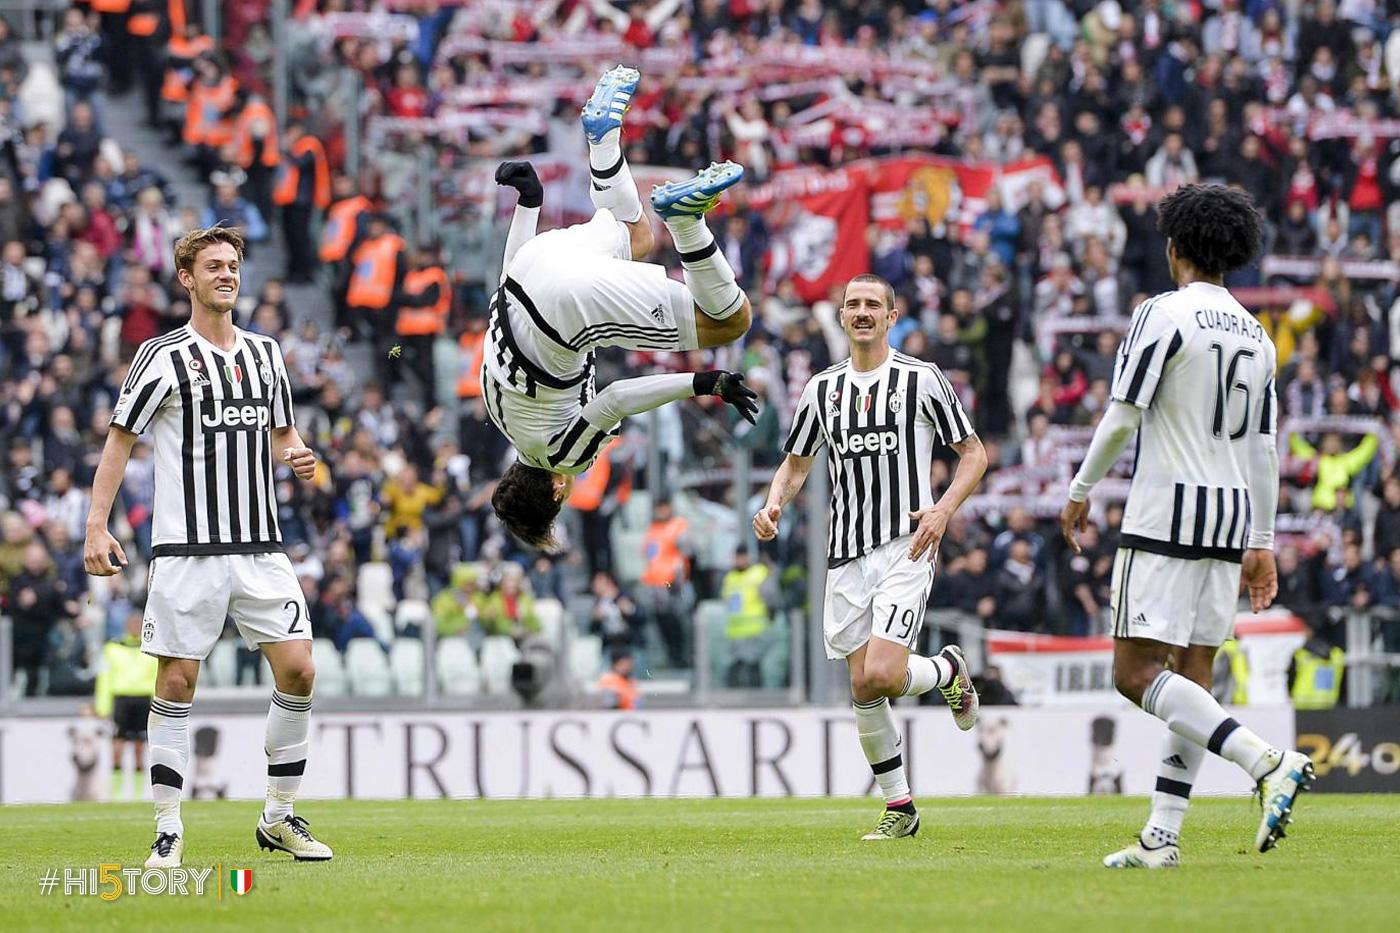 Juventusa